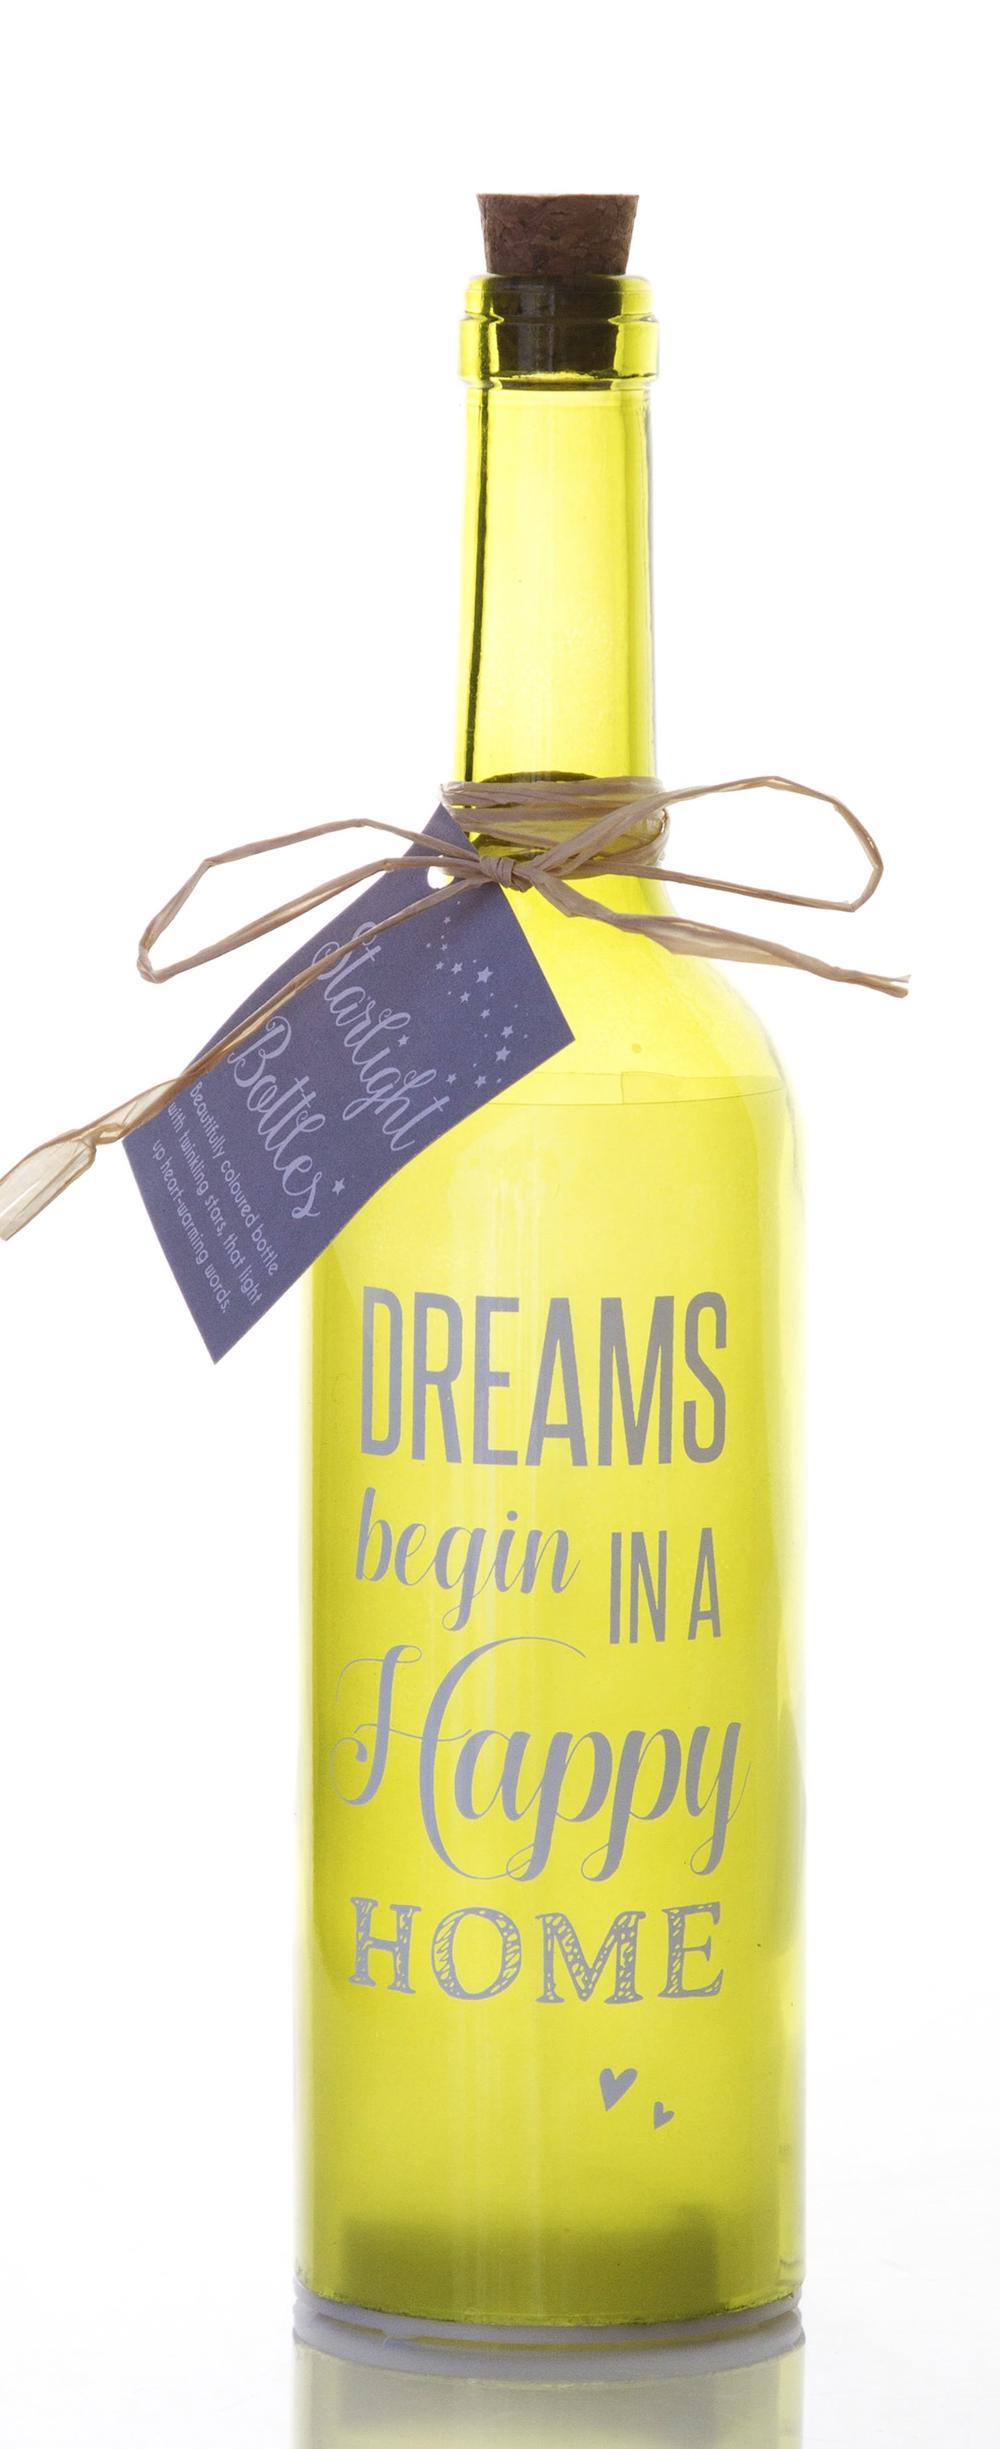 Happy Home Starlight Bottle Glass Light Up Sentimental Message Bottles Gift